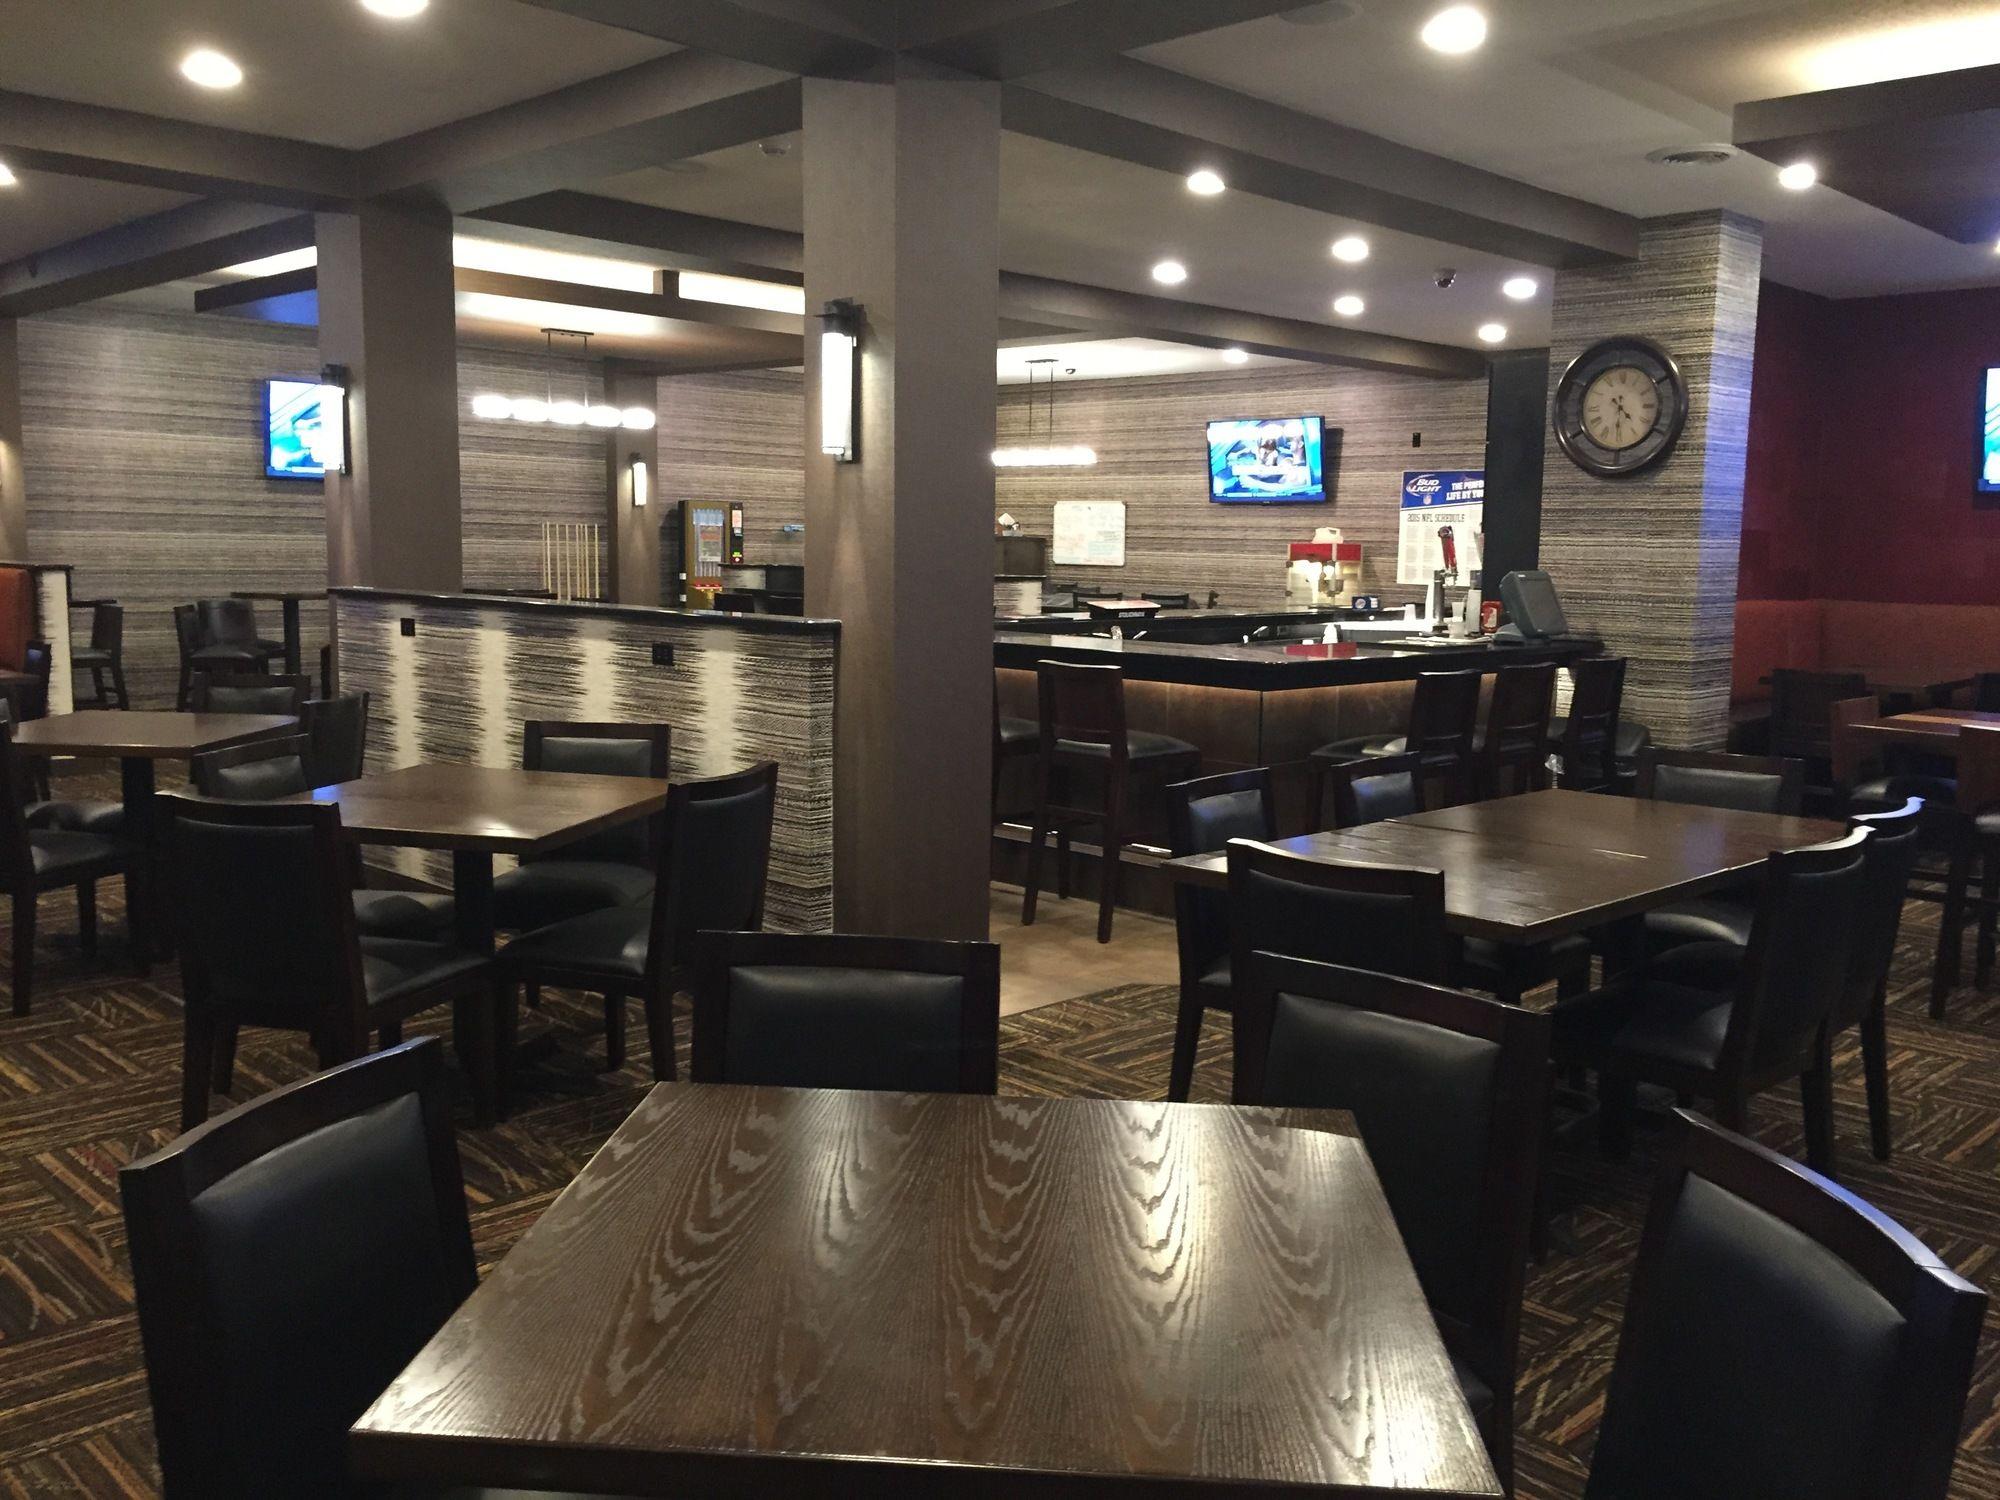 grand forks hotel coupons for grand forks north dakota. Black Bedroom Furniture Sets. Home Design Ideas